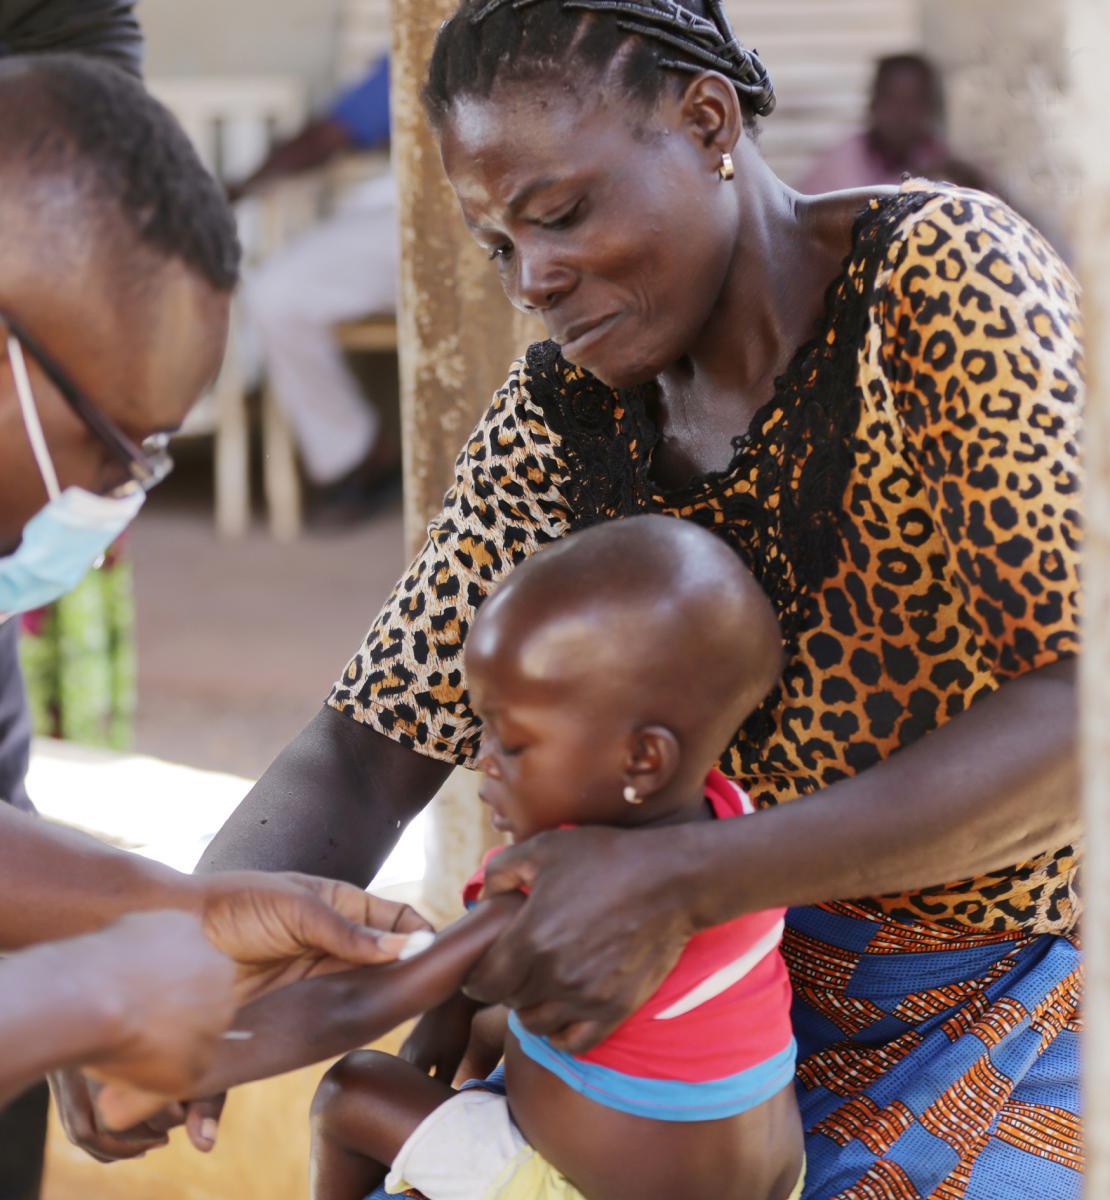 Ребенок, сидящий на руках у женщины, получает инъекцию в руку от мужчины в желтой футболке